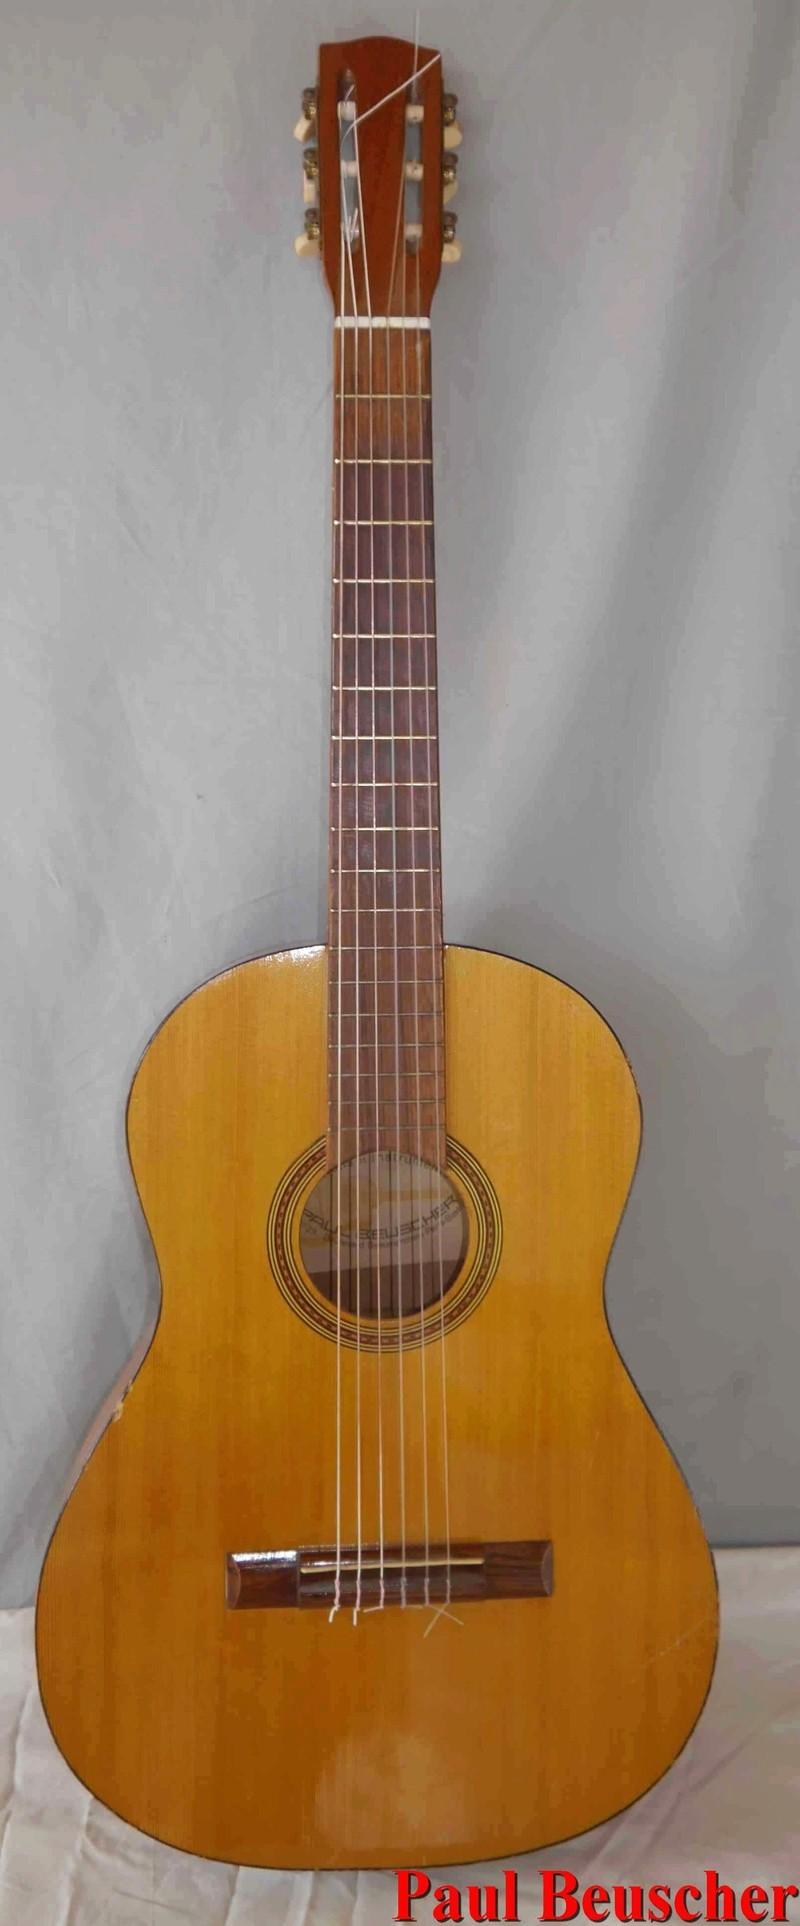 vraie affaire style unique New York Guitare vintage Paul Beuscher à restaurer   eBay